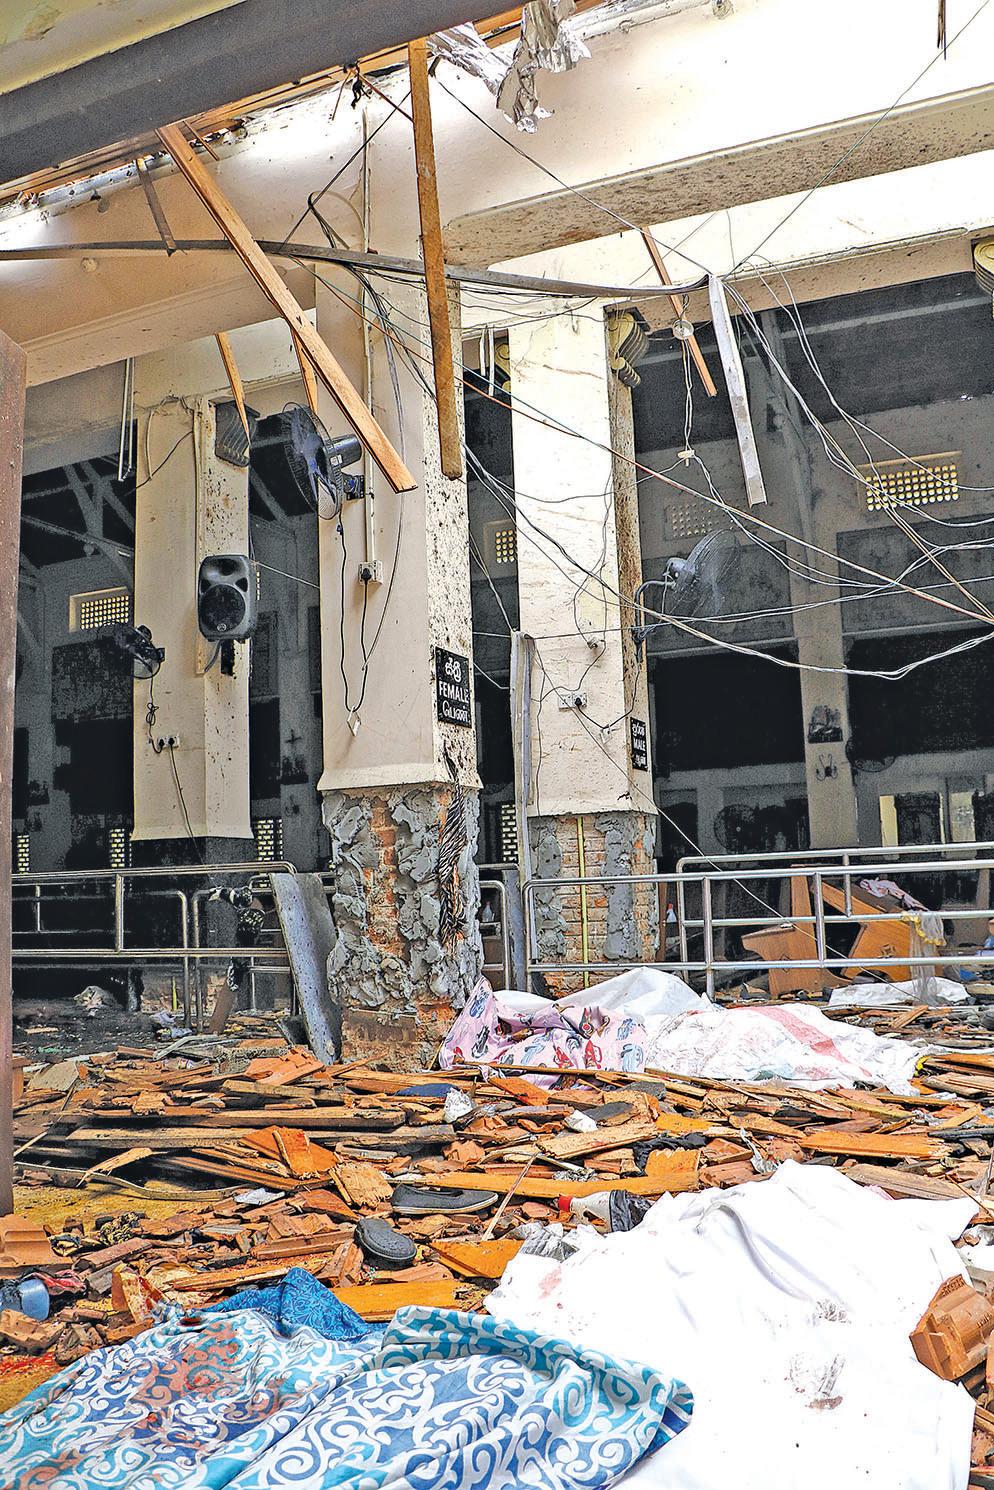 被攻擊教堂內的廢墟和死者遺體。(Getty Images)